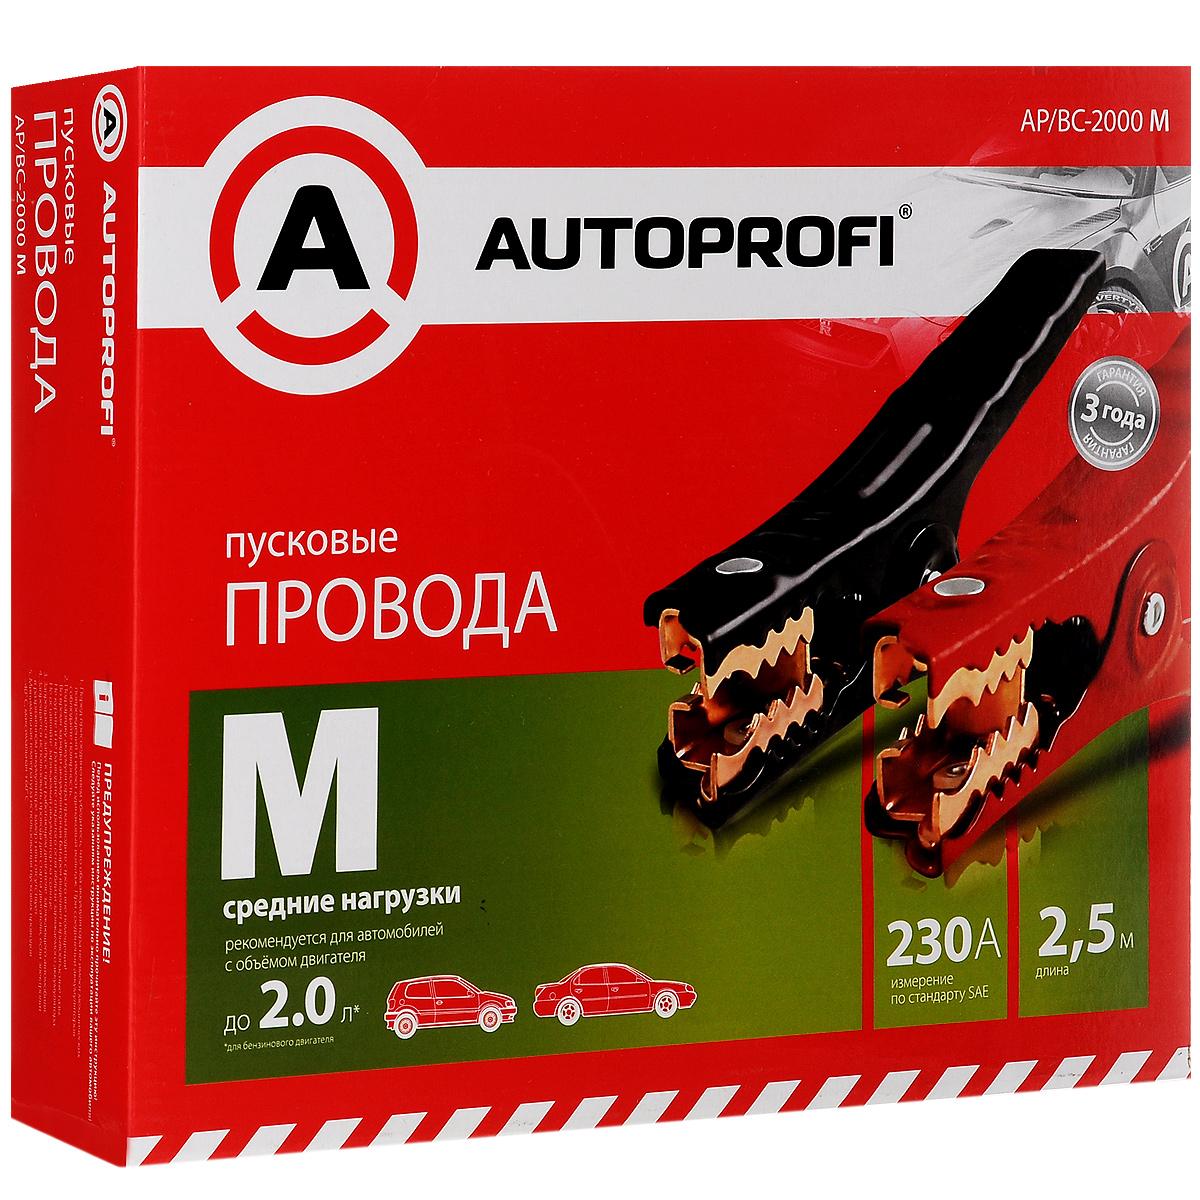 Провода пусковые Autoprofi М, средние нагрузки, 8,37 мм2, 230 A, 2,5 мAP/BC - 2000 MПусковые провода Autoprofi М сделаны по американскому стандарту SAE J1494. Это значит, что падение напряжение ни при каких условиях не превышает 2,5 В. Ручки пусковых проводов не нагреваются до уровня, способного навредить человеку. Технологически это достигается использованием проводов из толстой алюминиевой жилы с медным напылением, а также надежной термопластовой изоляцией. Данные провода рекомендованы для автомобилей с бензиновым двигателем объемом до 2 л. Сумка для переноски и хранения в комплекте. Ток нагрузки: 230 А. Длина провода: 2,5 м. Сечение проводника: 8,37 мм2. Диапазон рабочих температур: от -40°С до +60°С.